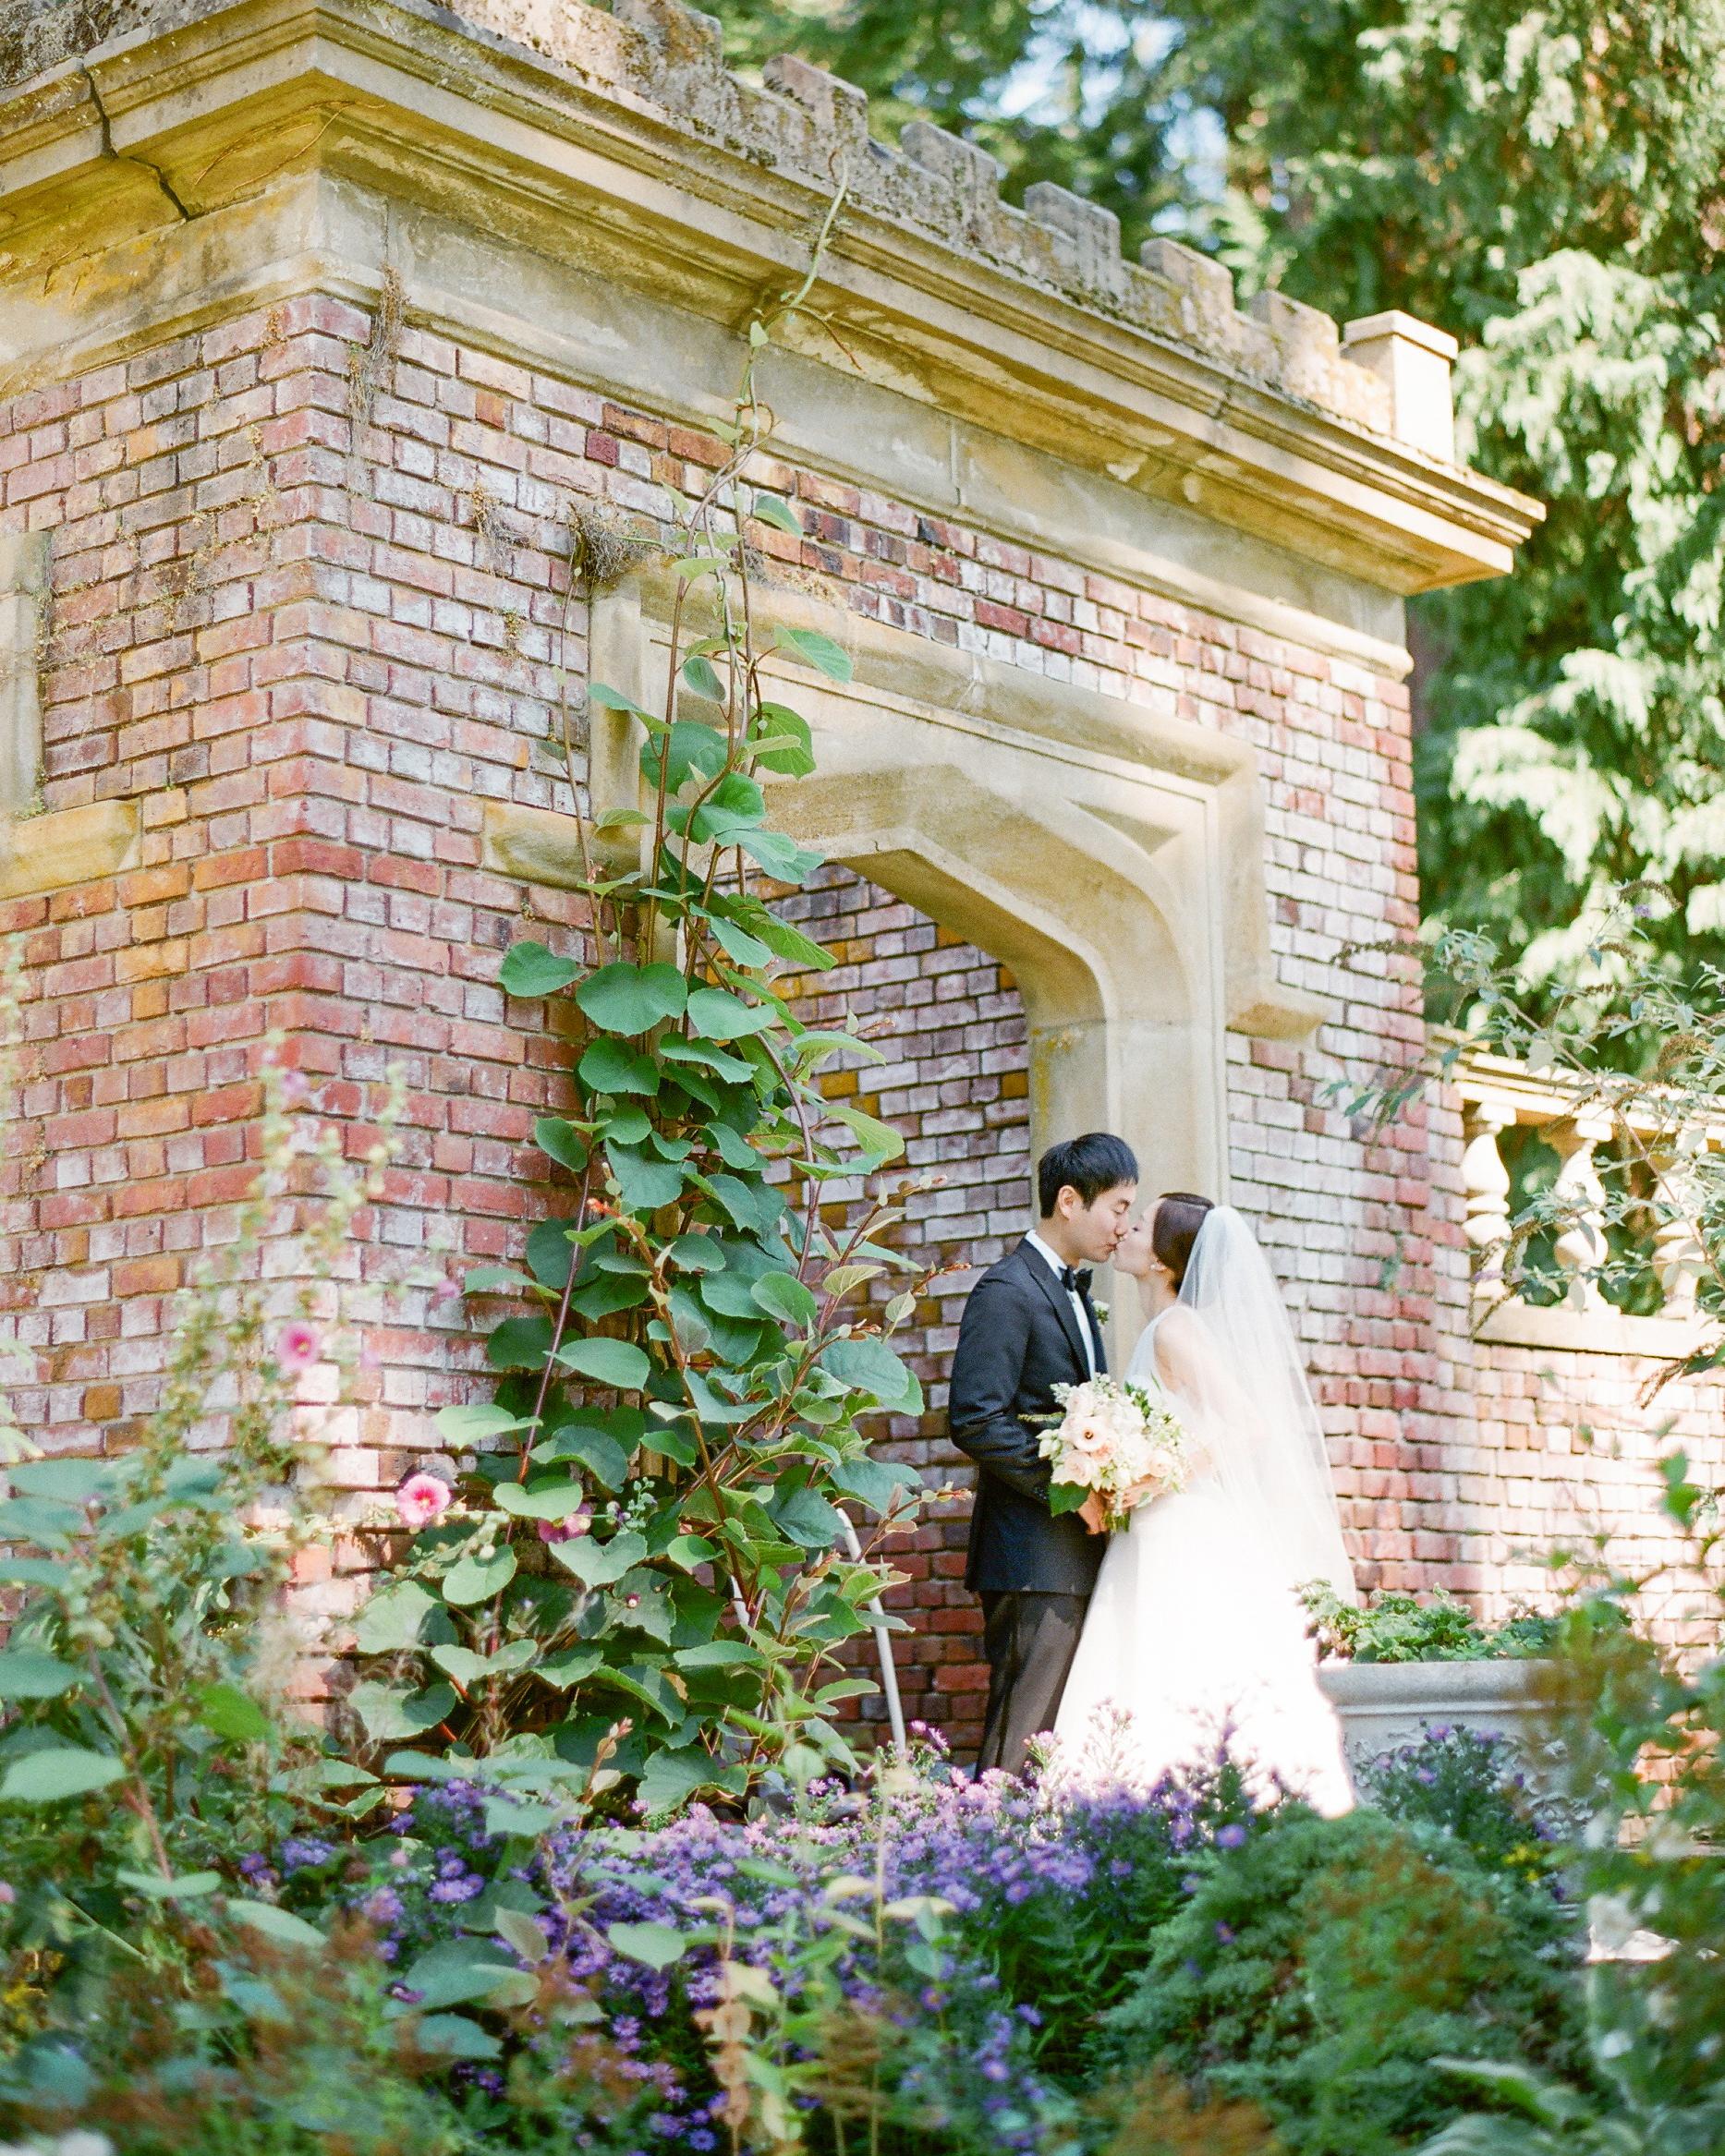 bomi-billy-wedding-portrait-0183-wds111105-0514.jpg